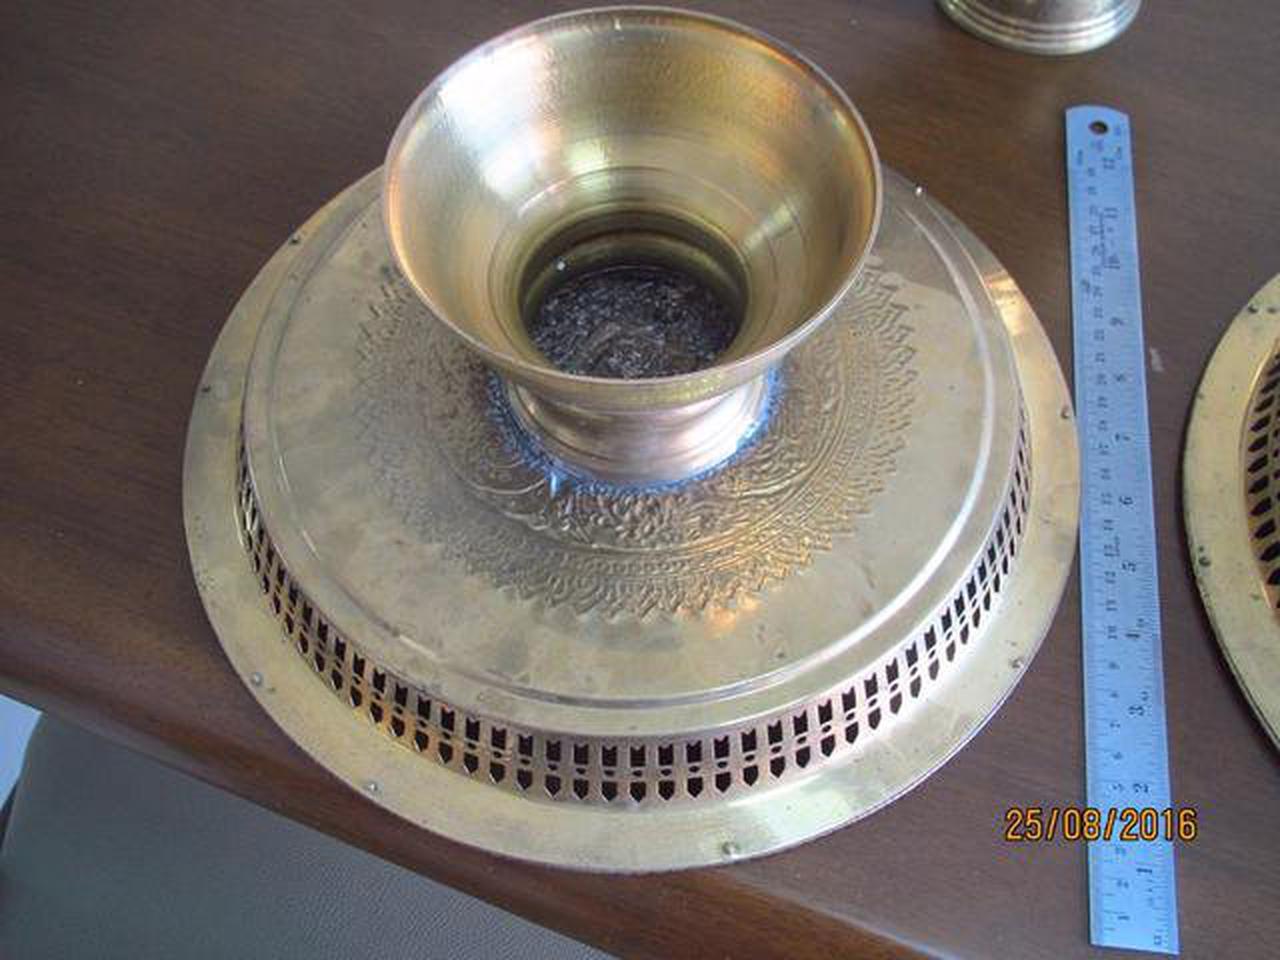 3787 เครื้องใช้ชุดทองเหลืองลาย เทพพนม มี ขัน พาน ทับพี ถาดสู รูปที่ 2